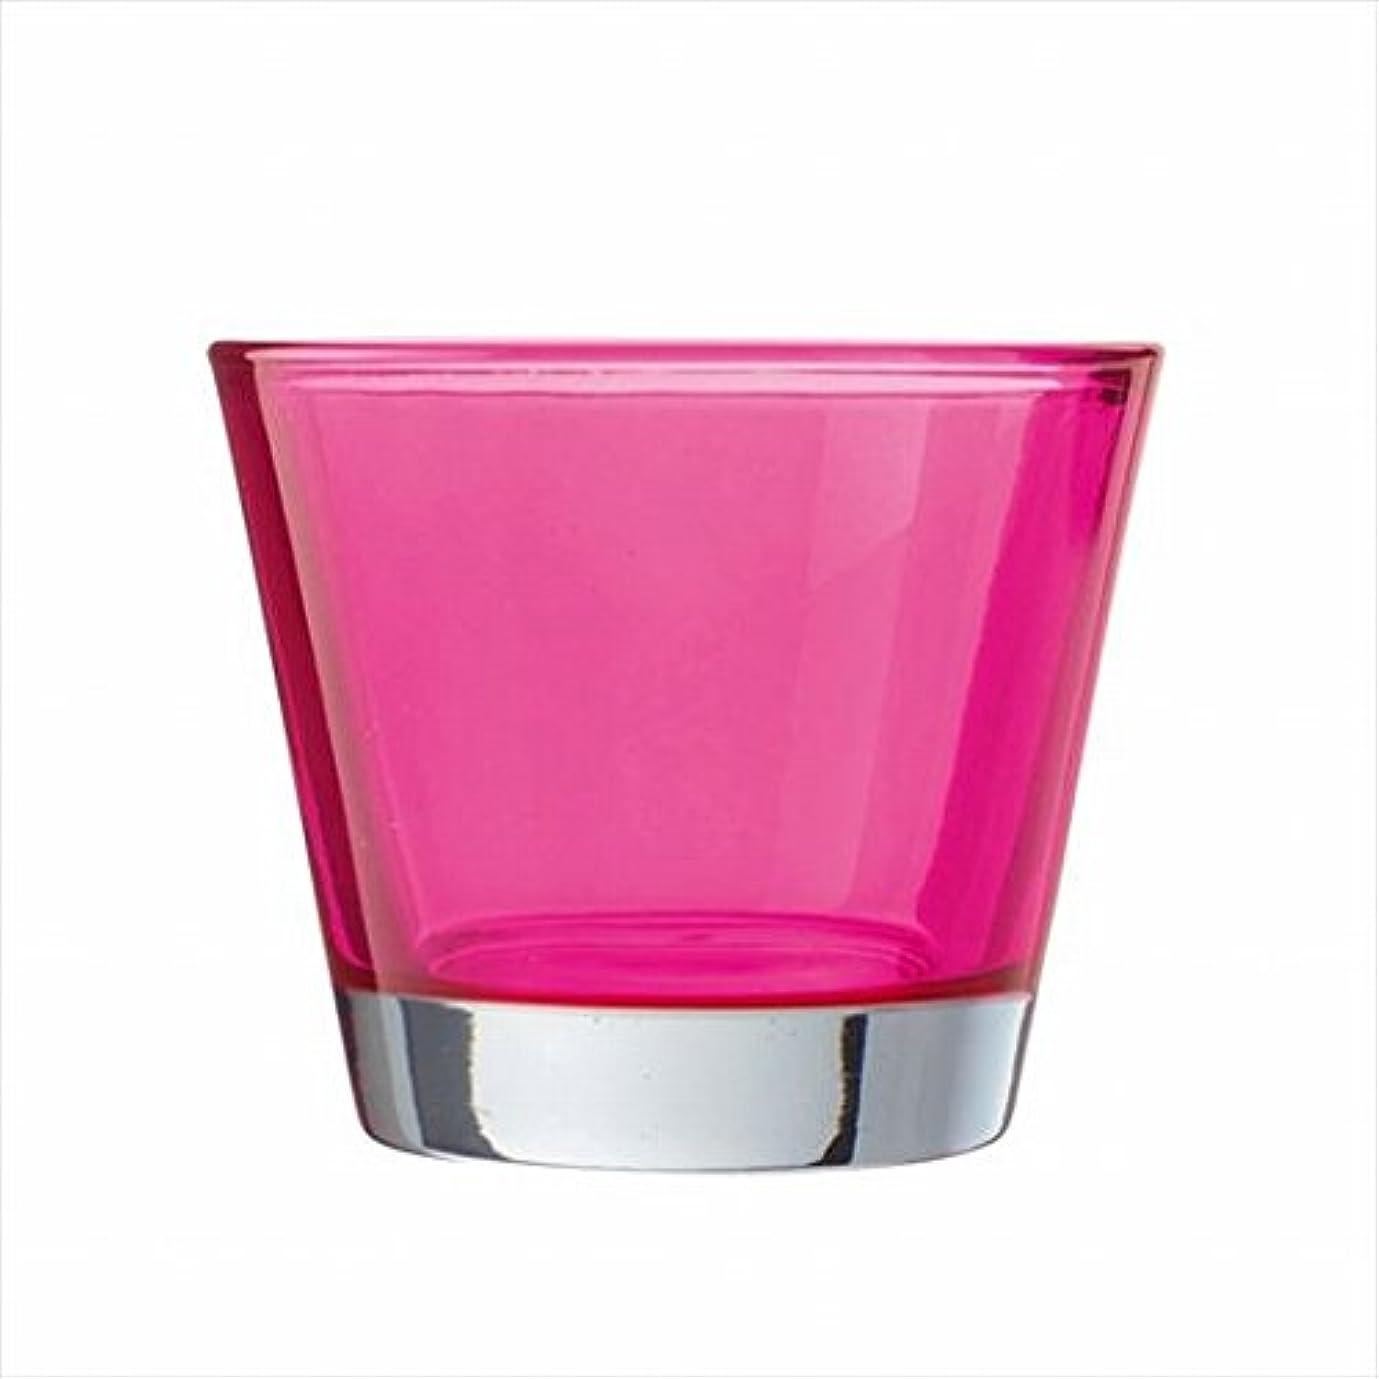 非難する取り替える望むカメヤマキャンドル( kameyama candle ) カラリス 「 ピンク 」